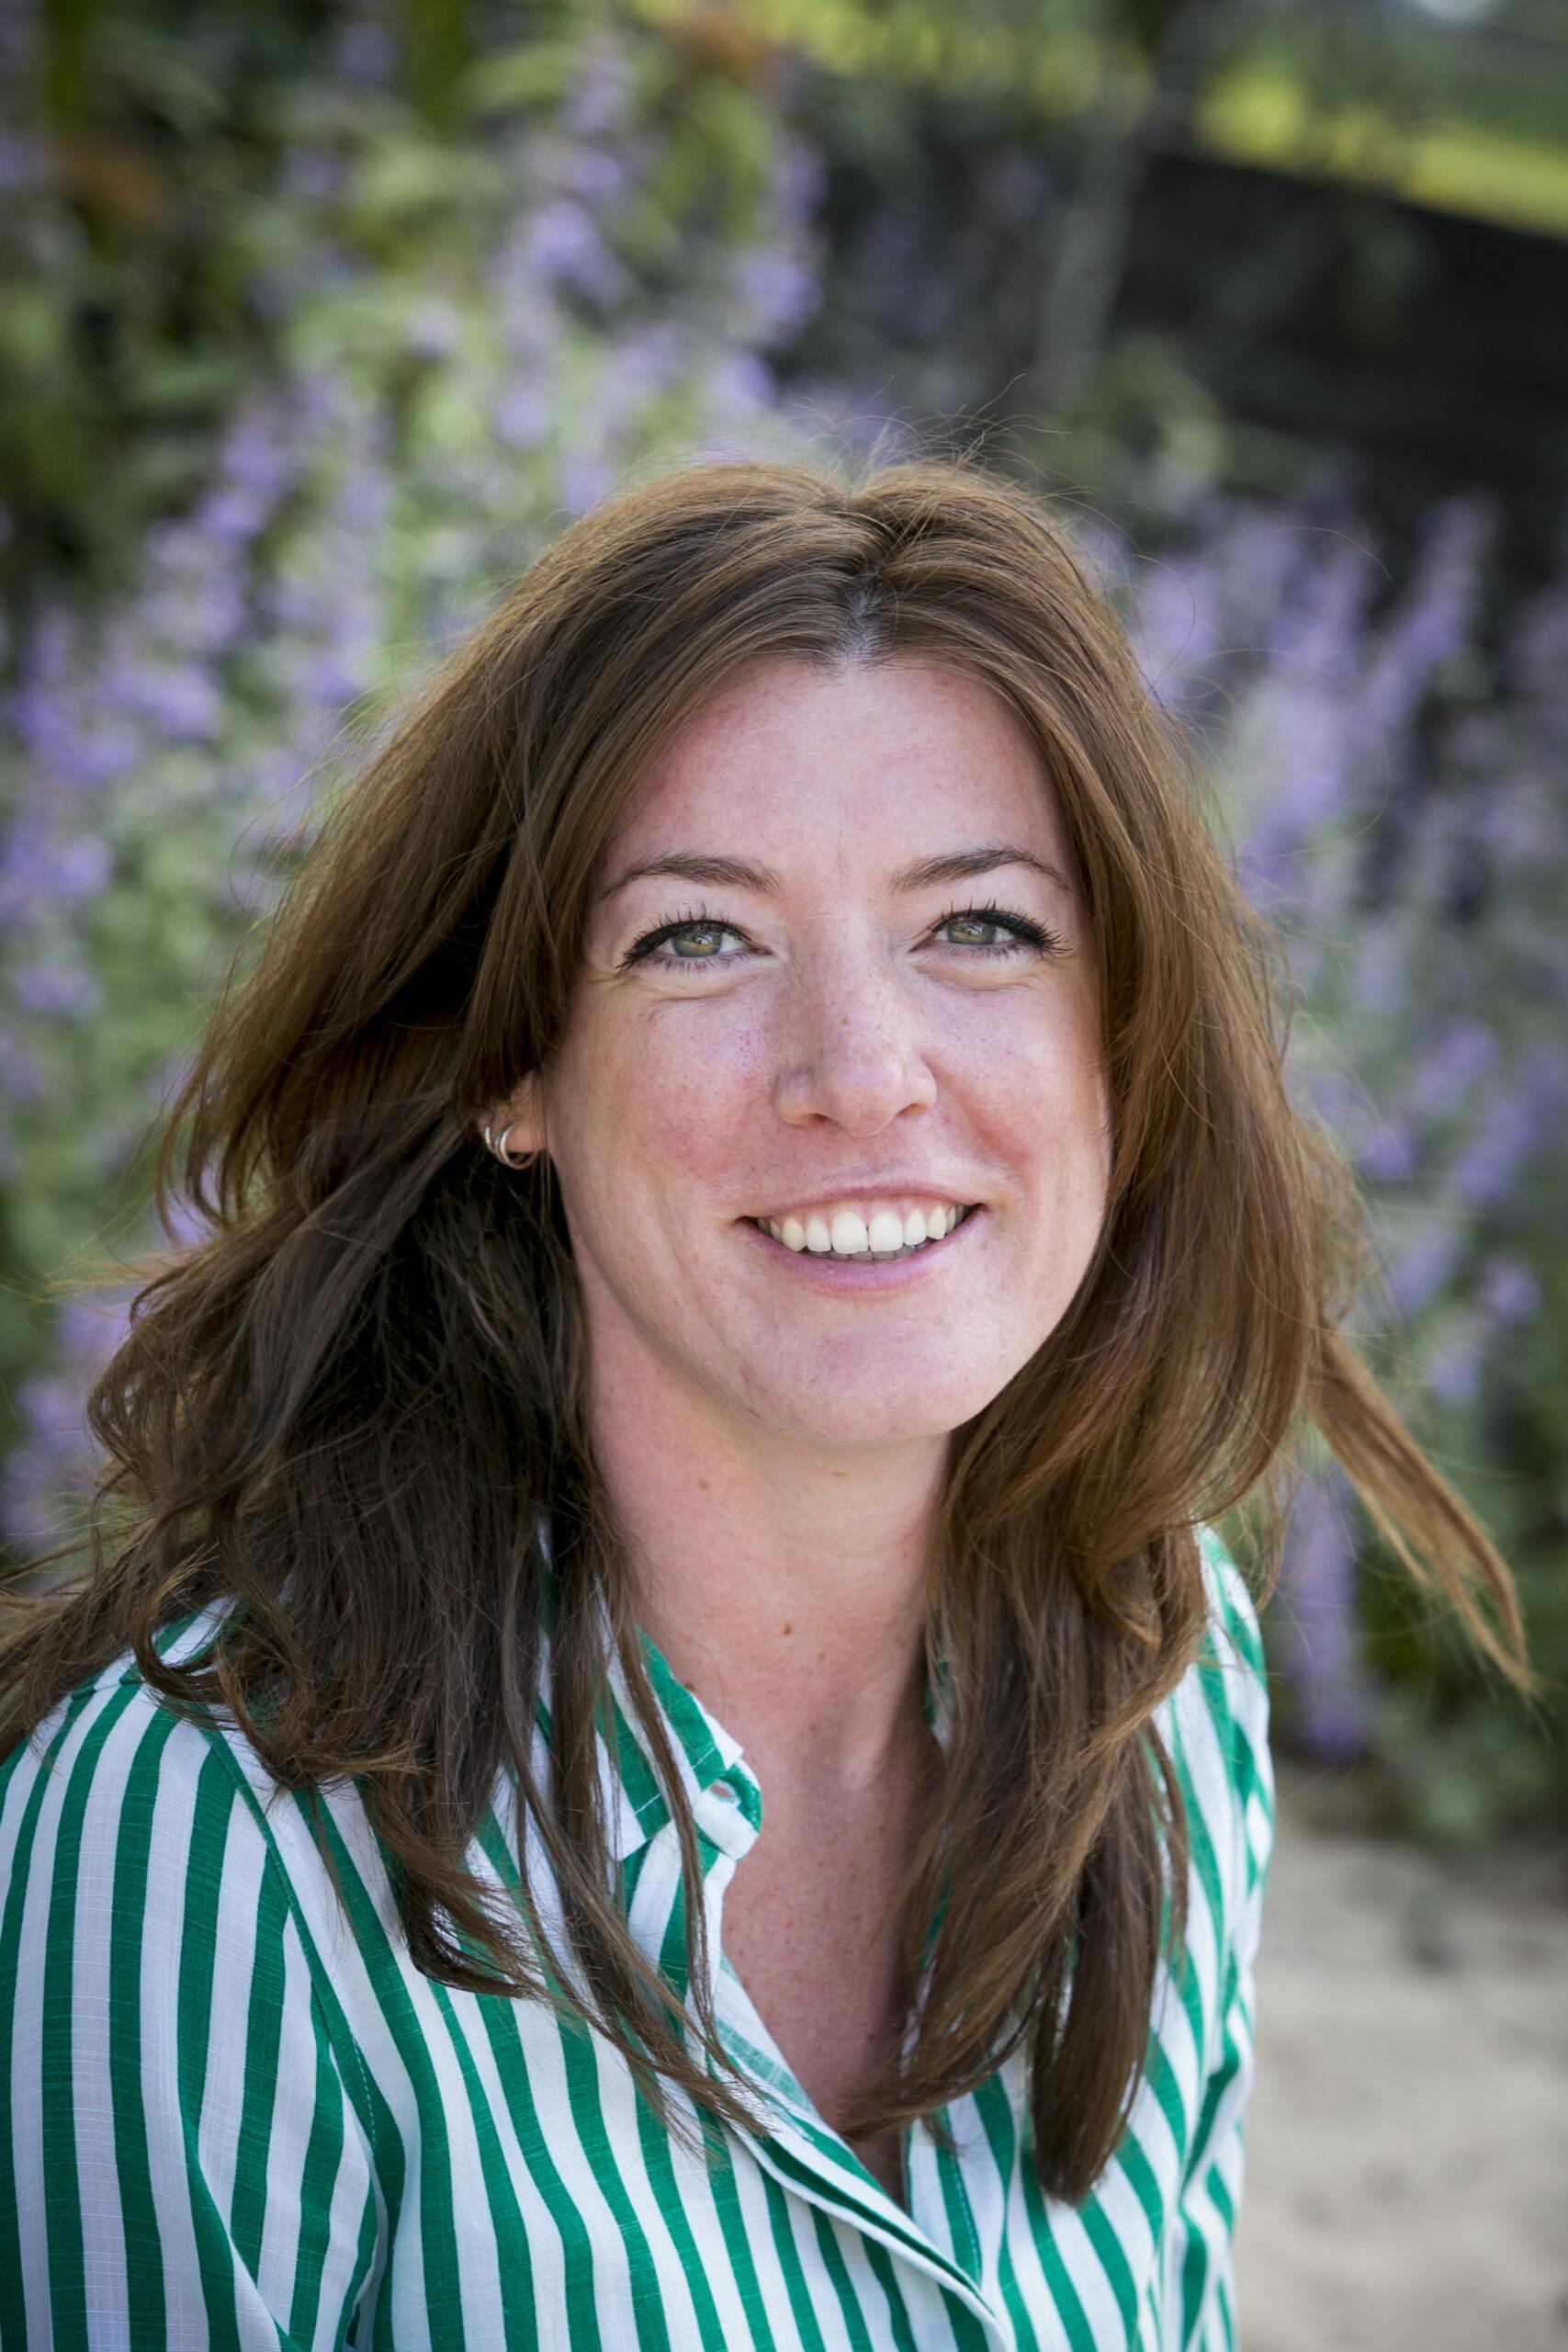 Manon van Asselt